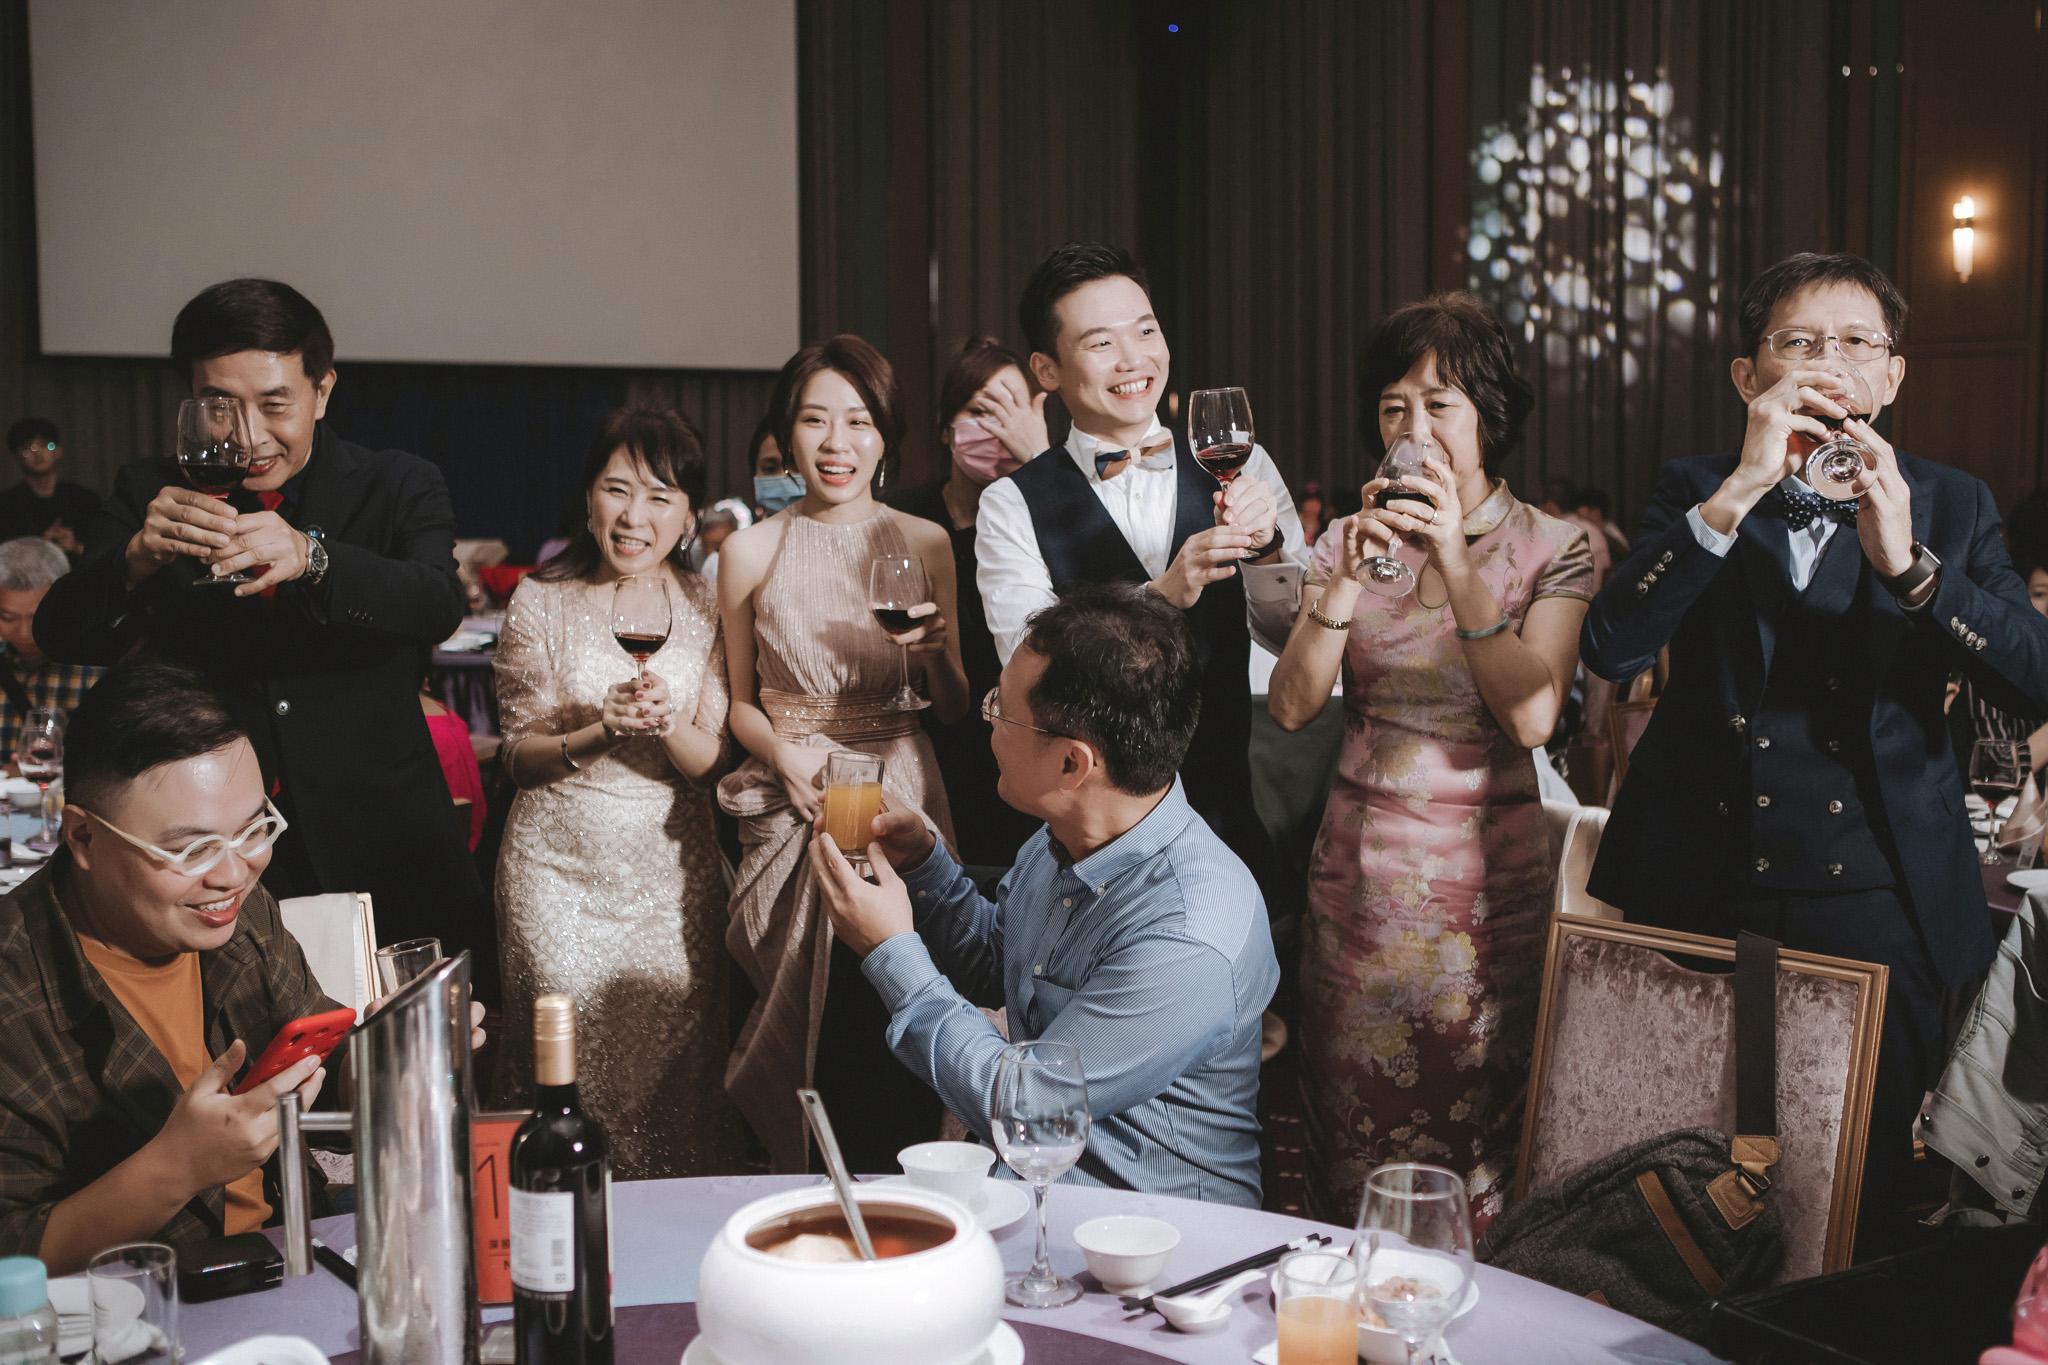 EW 居米 台北婚宴 台北婚紗 台北婚攝 國泰萬怡 台北婚禮 -63